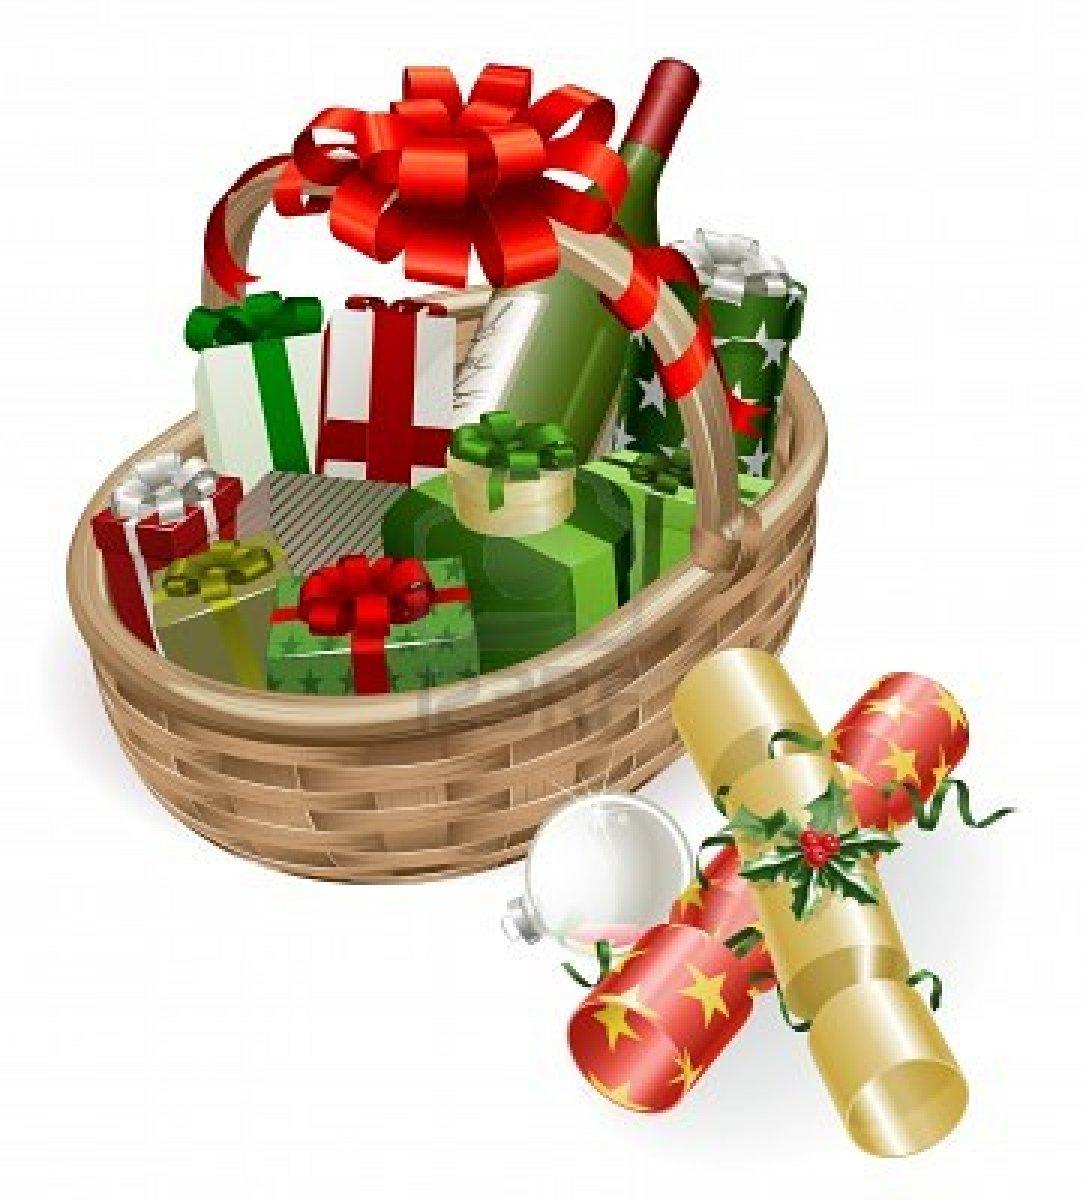 10908705-una-cesta-de-navidad-con-vino-regalos-galletas-y-decoracion-chucheria-bola